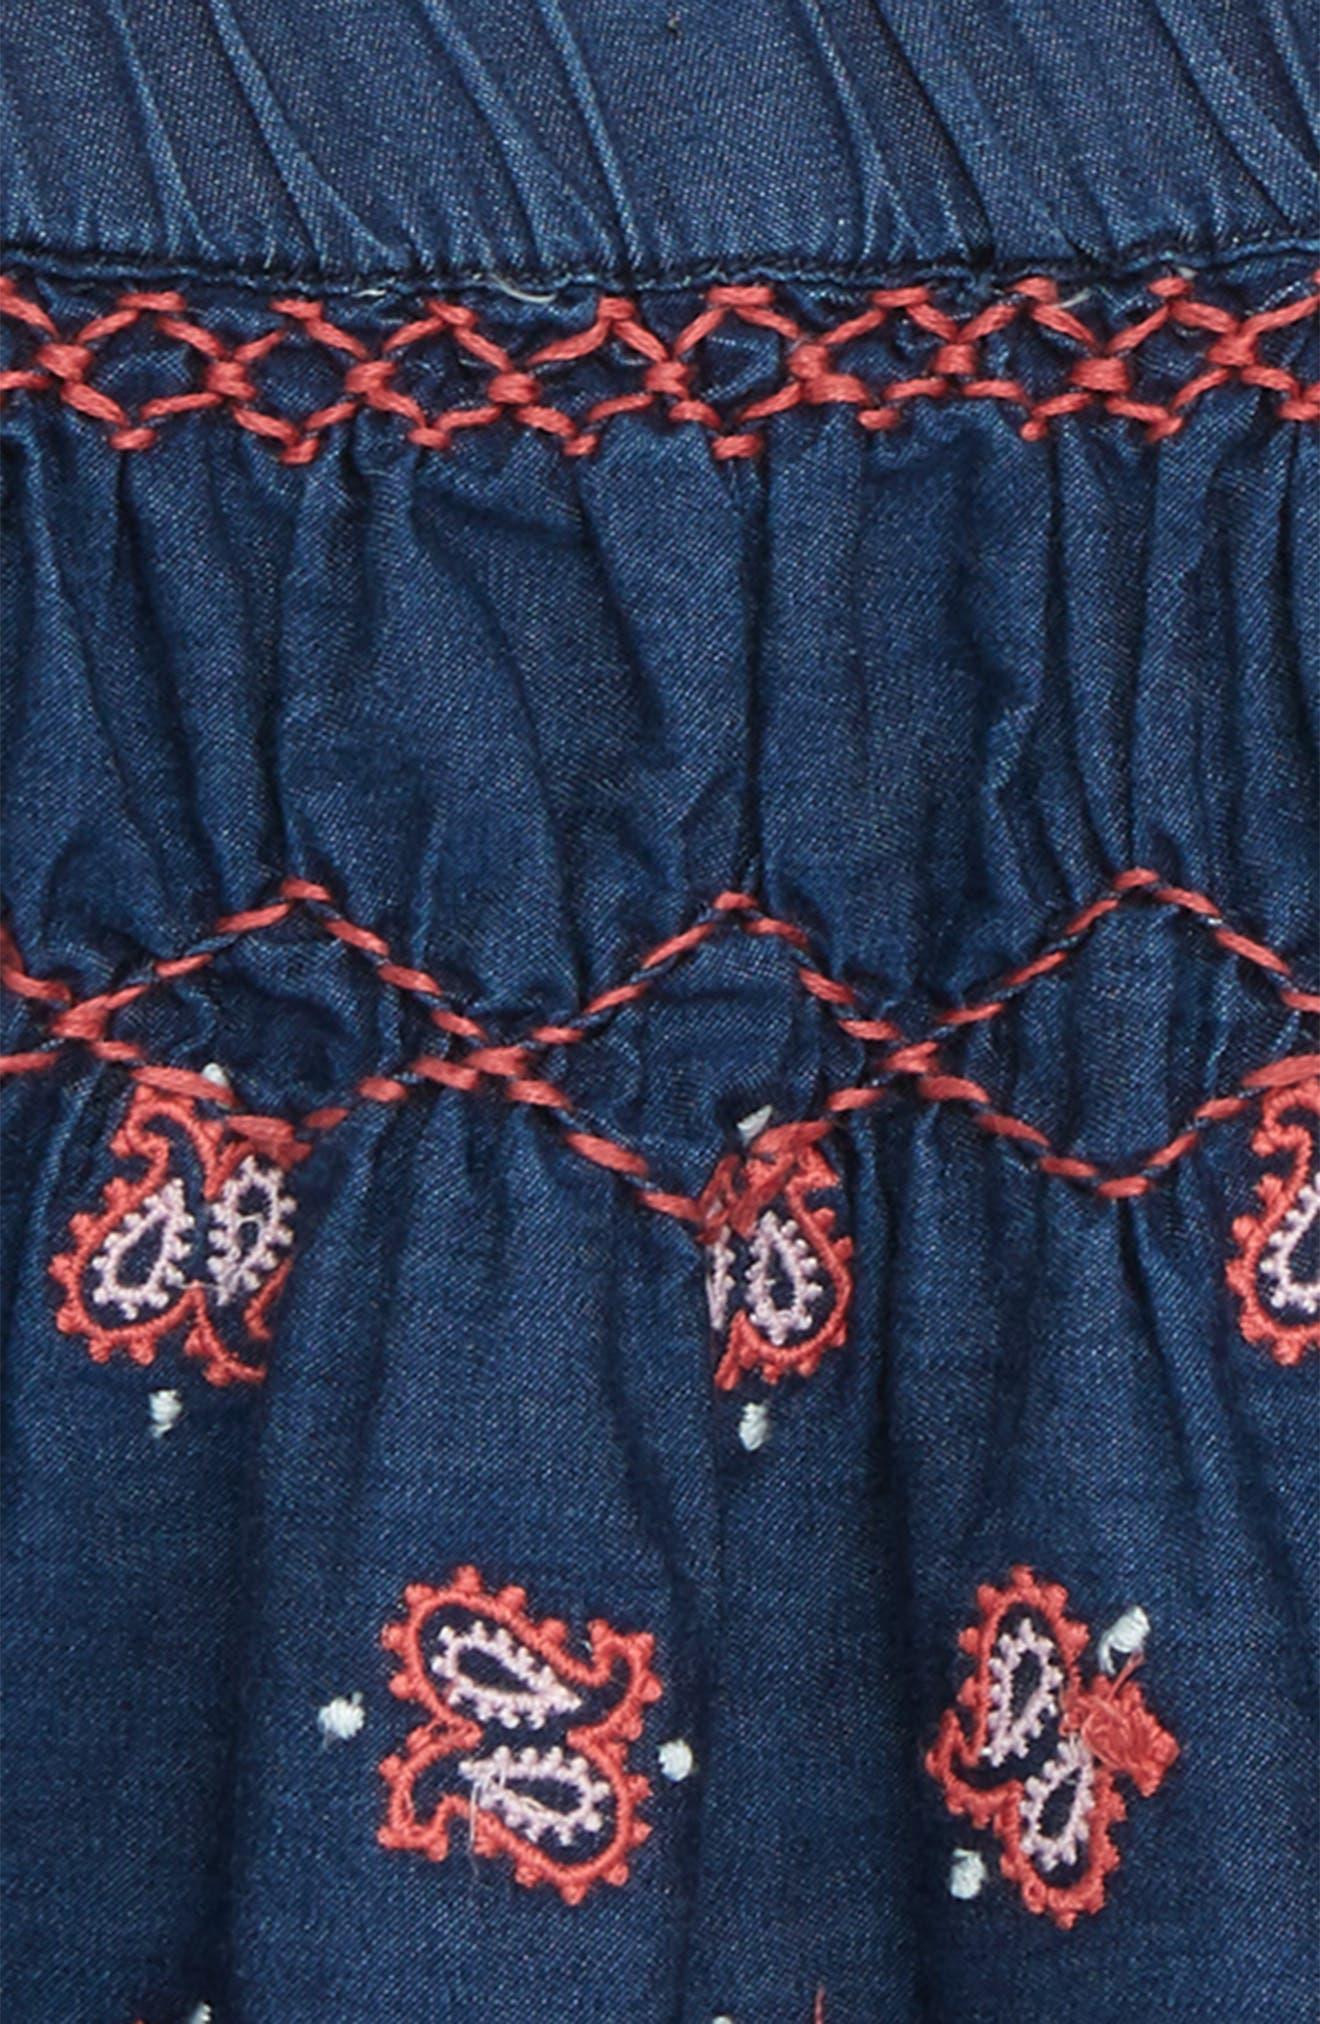 Grace Embroidered Denim Skirt,                             Alternate thumbnail 2, color,                             Indigo